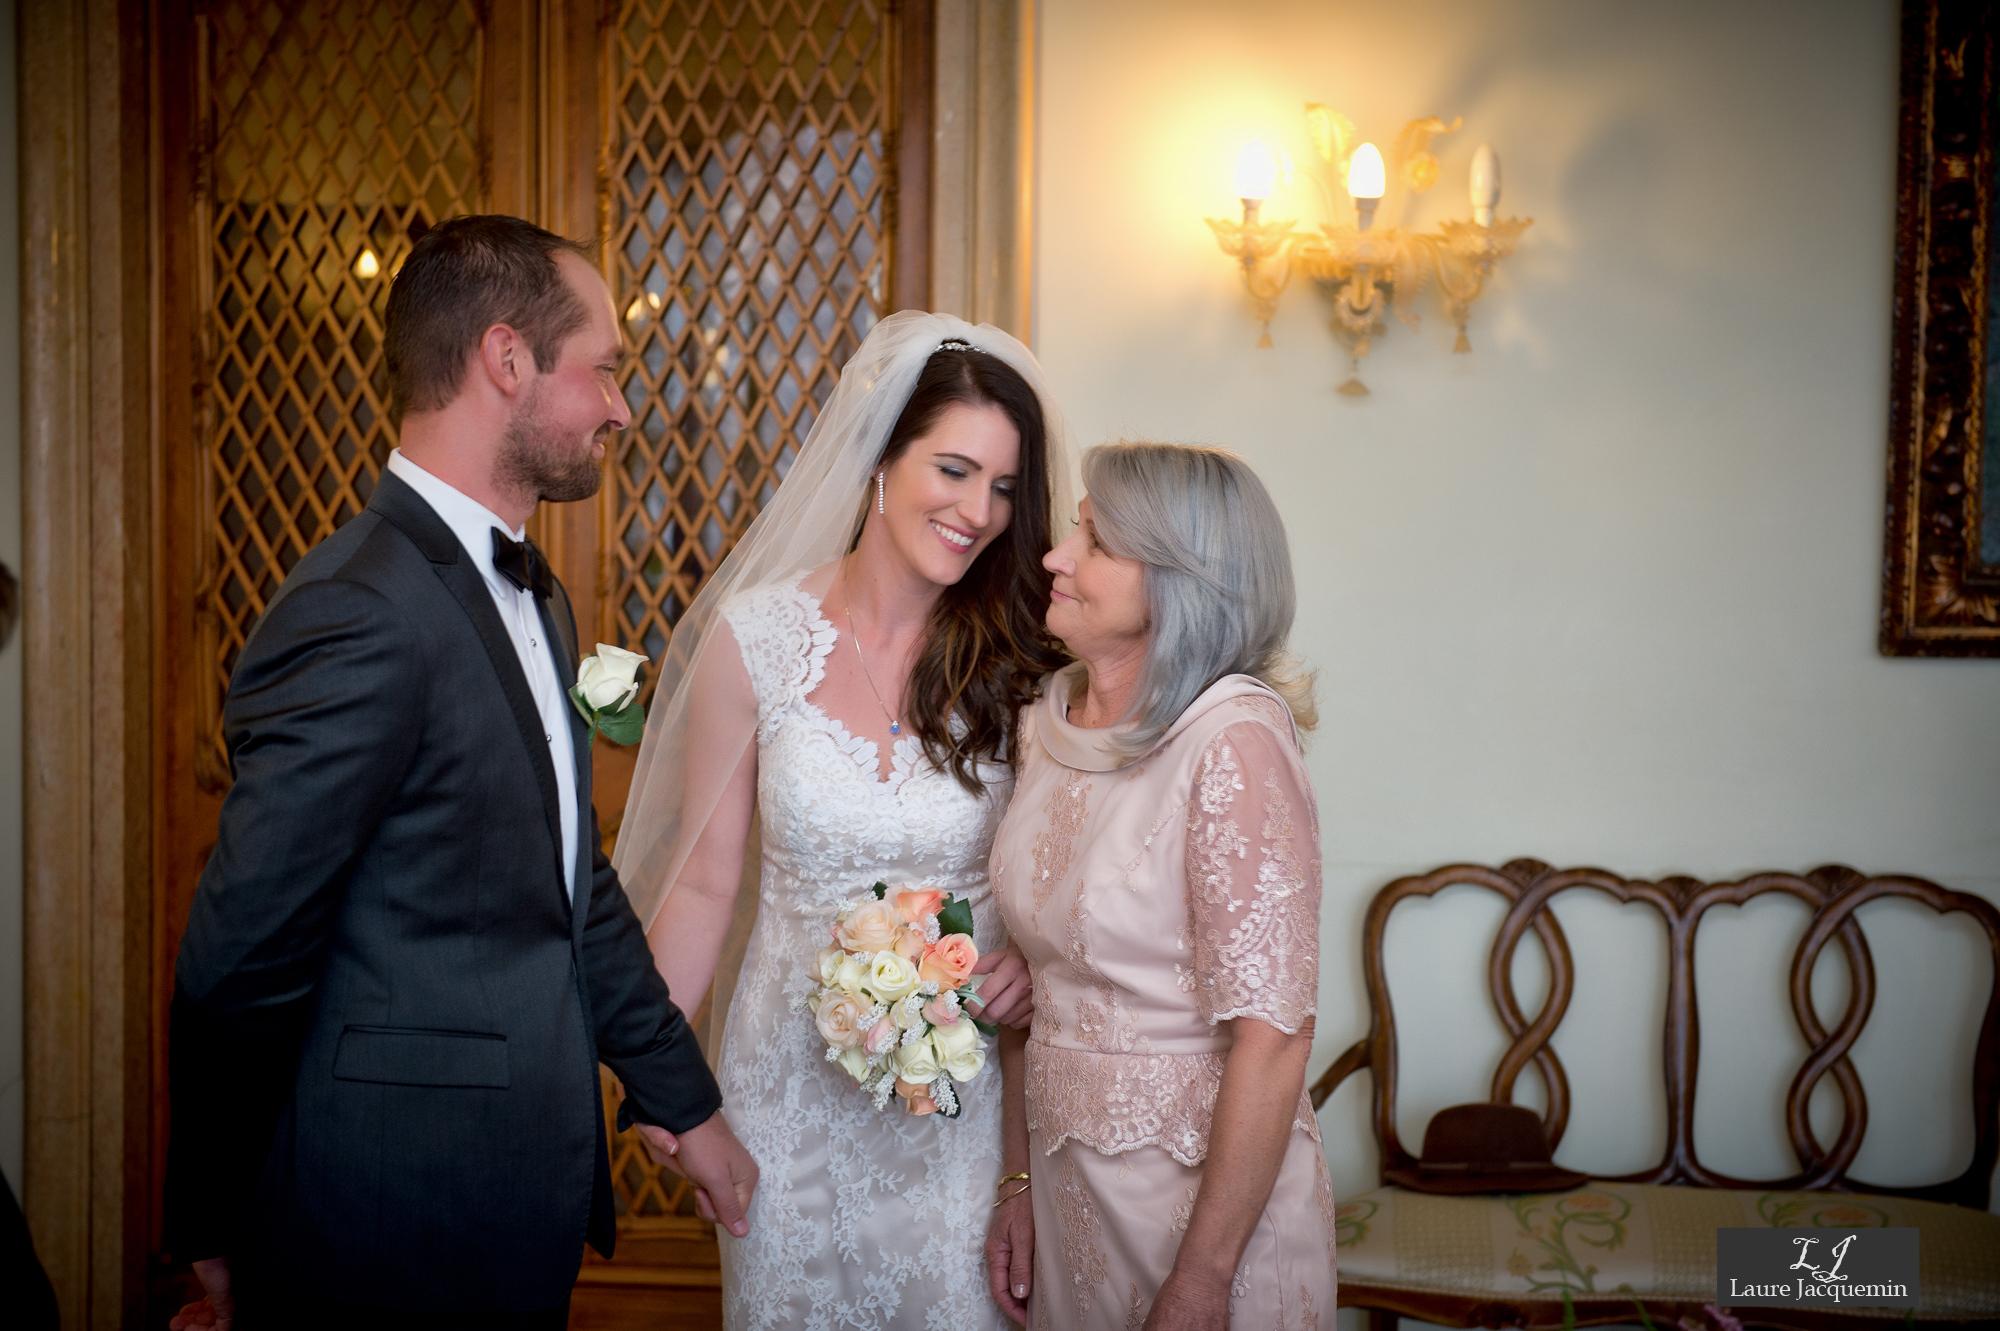 photographe mariage laure jacquemin palazzo cavalli service photographique (13)